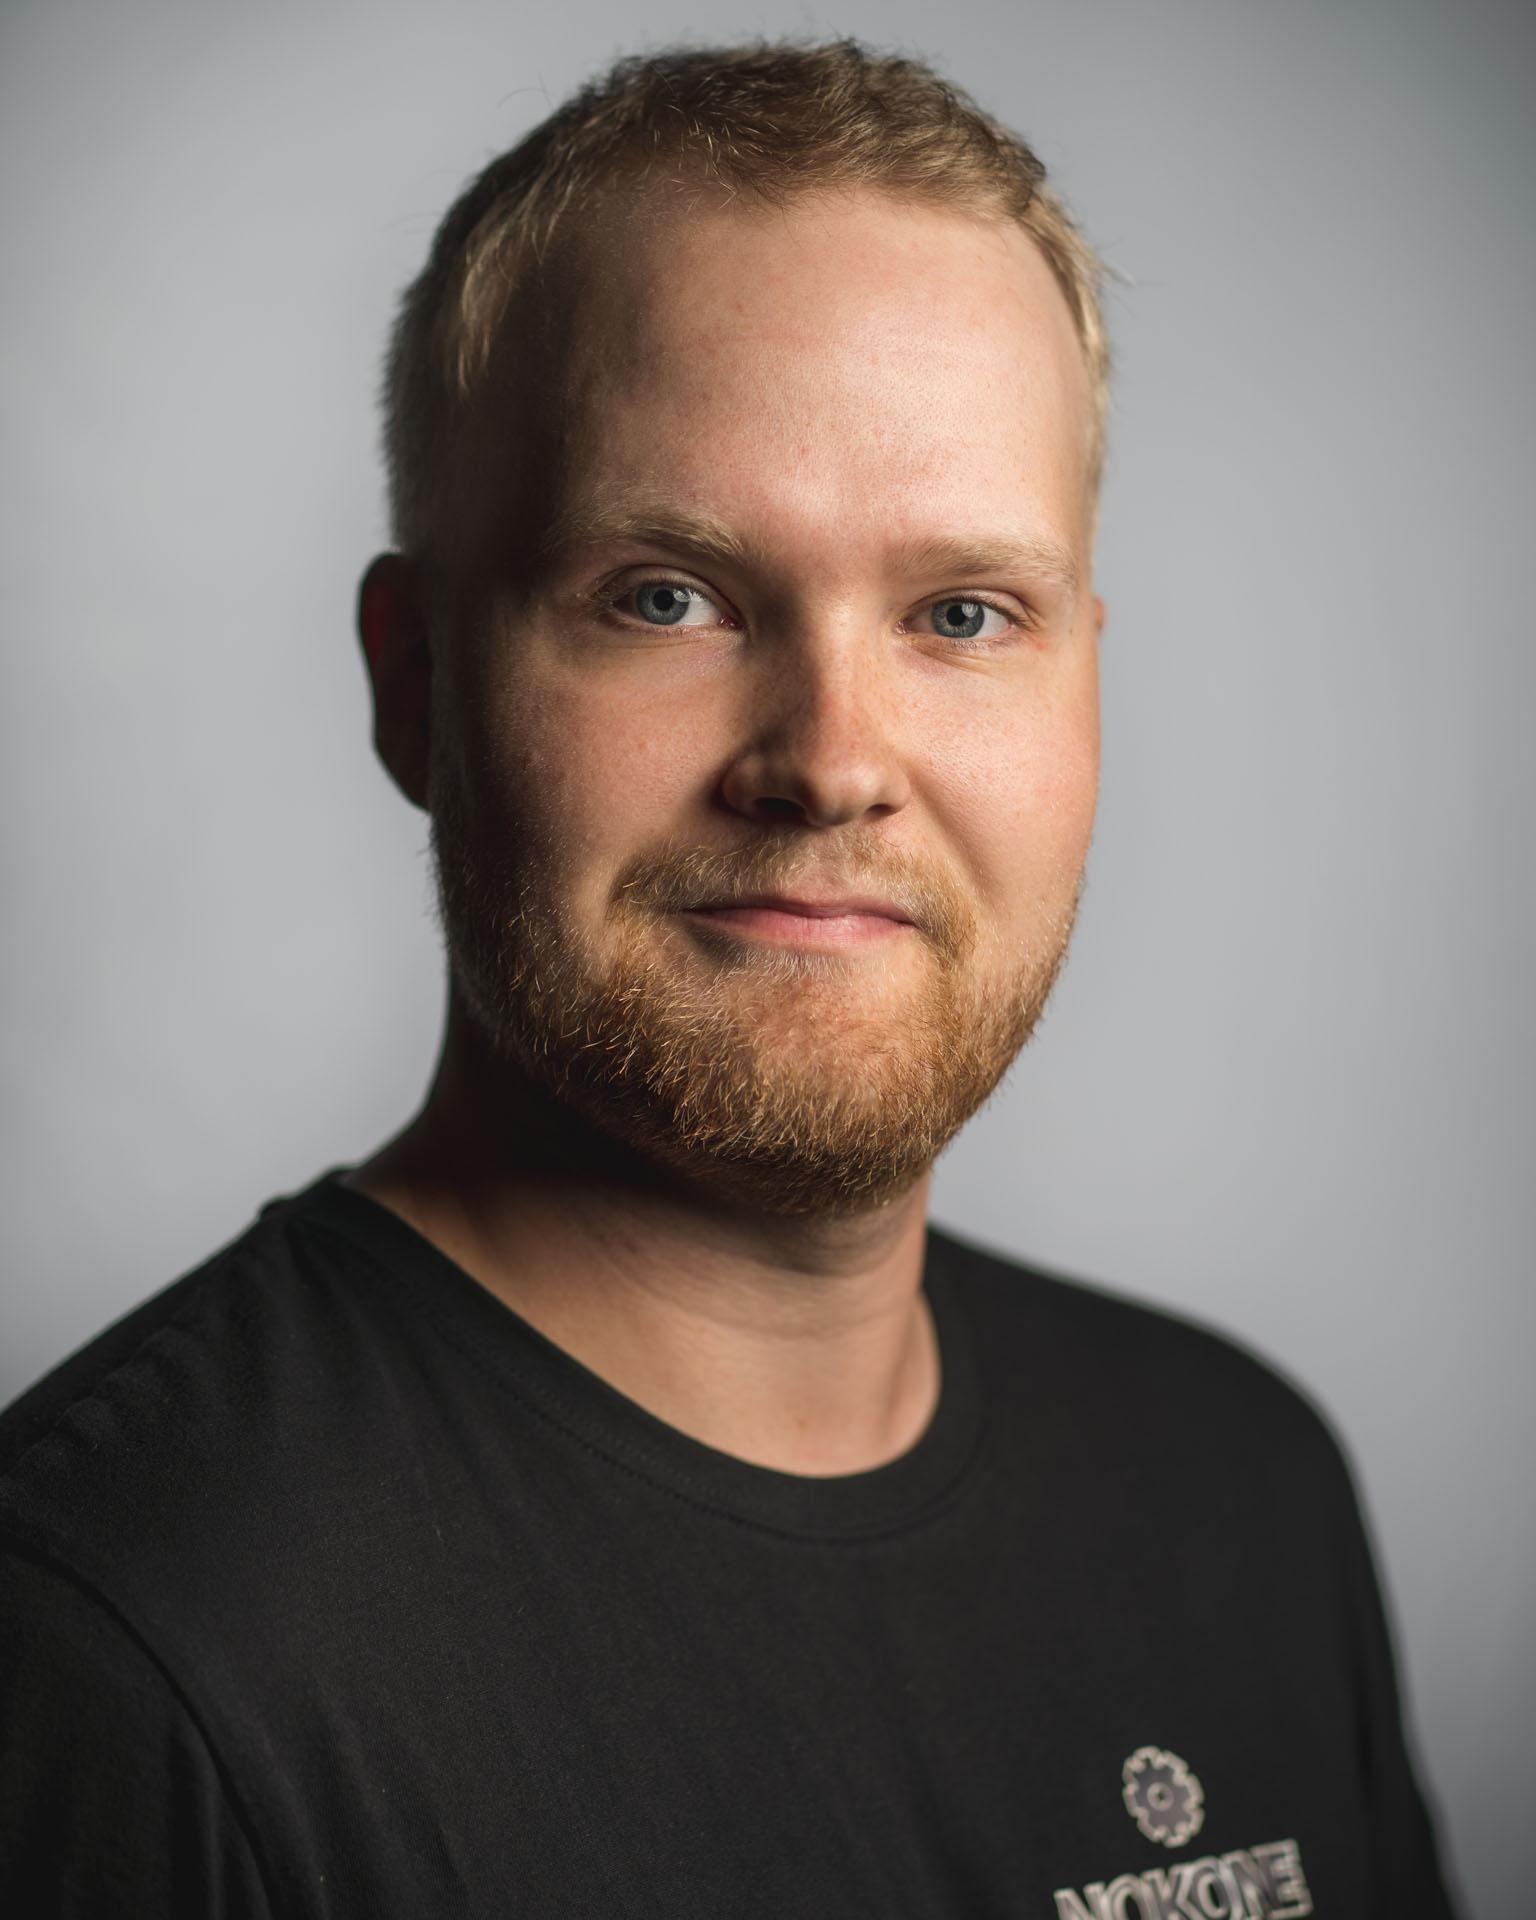 Simo Nokelainen